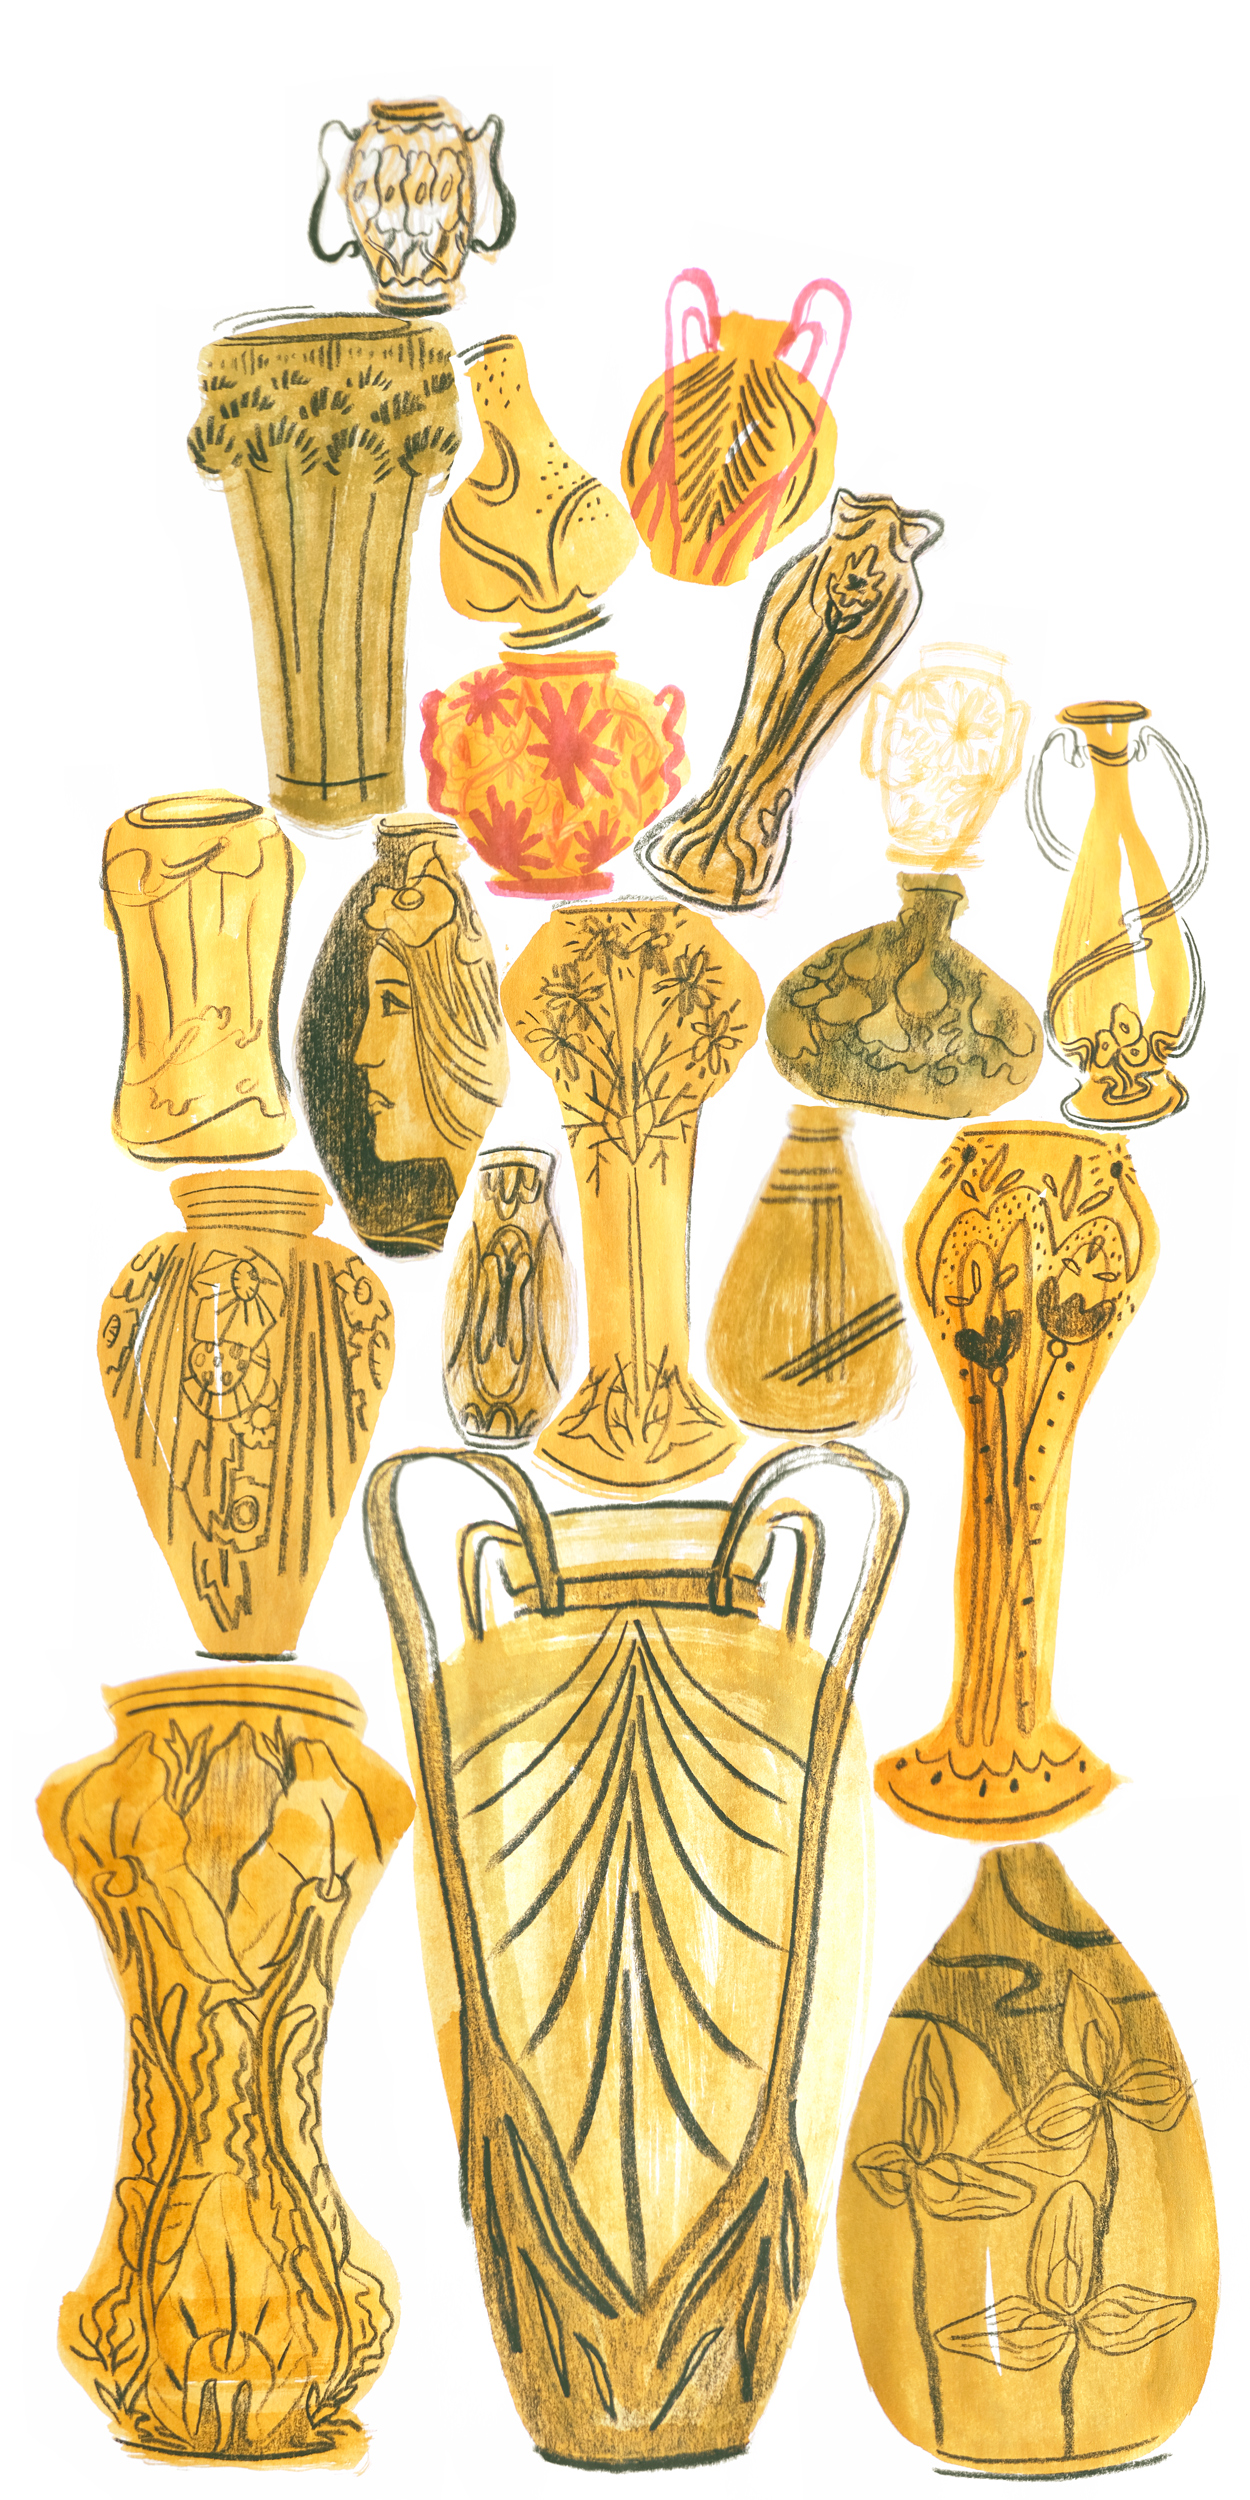 Vases by Pyhai